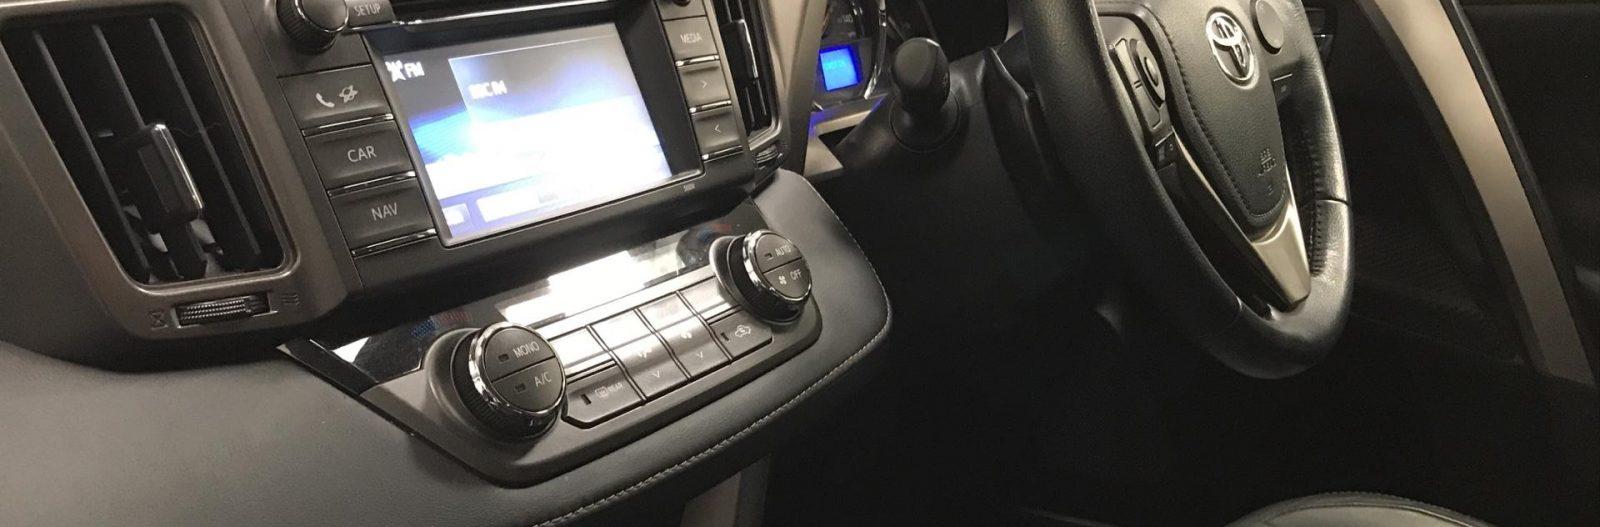 Toyota Rav 4 – Interior